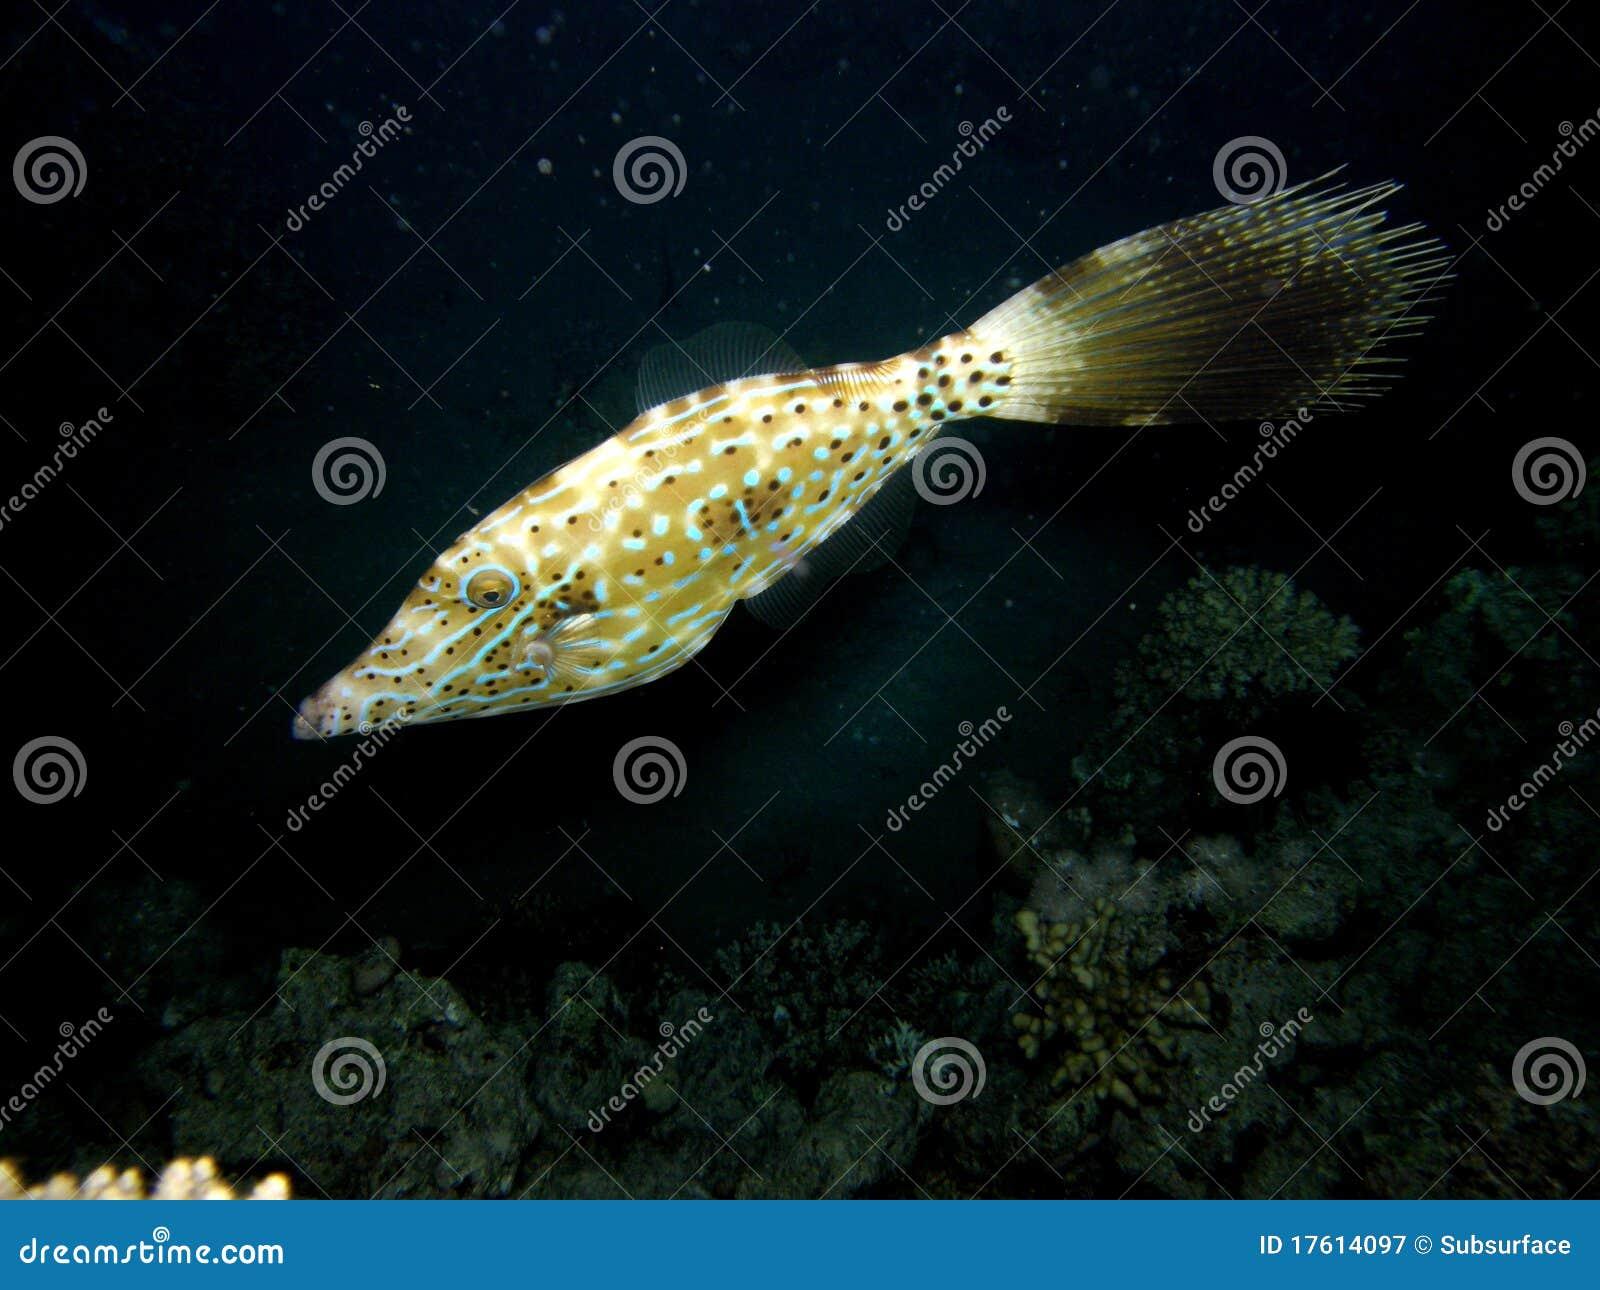 Gekritzelter Filefish auf Korallenriff nachts